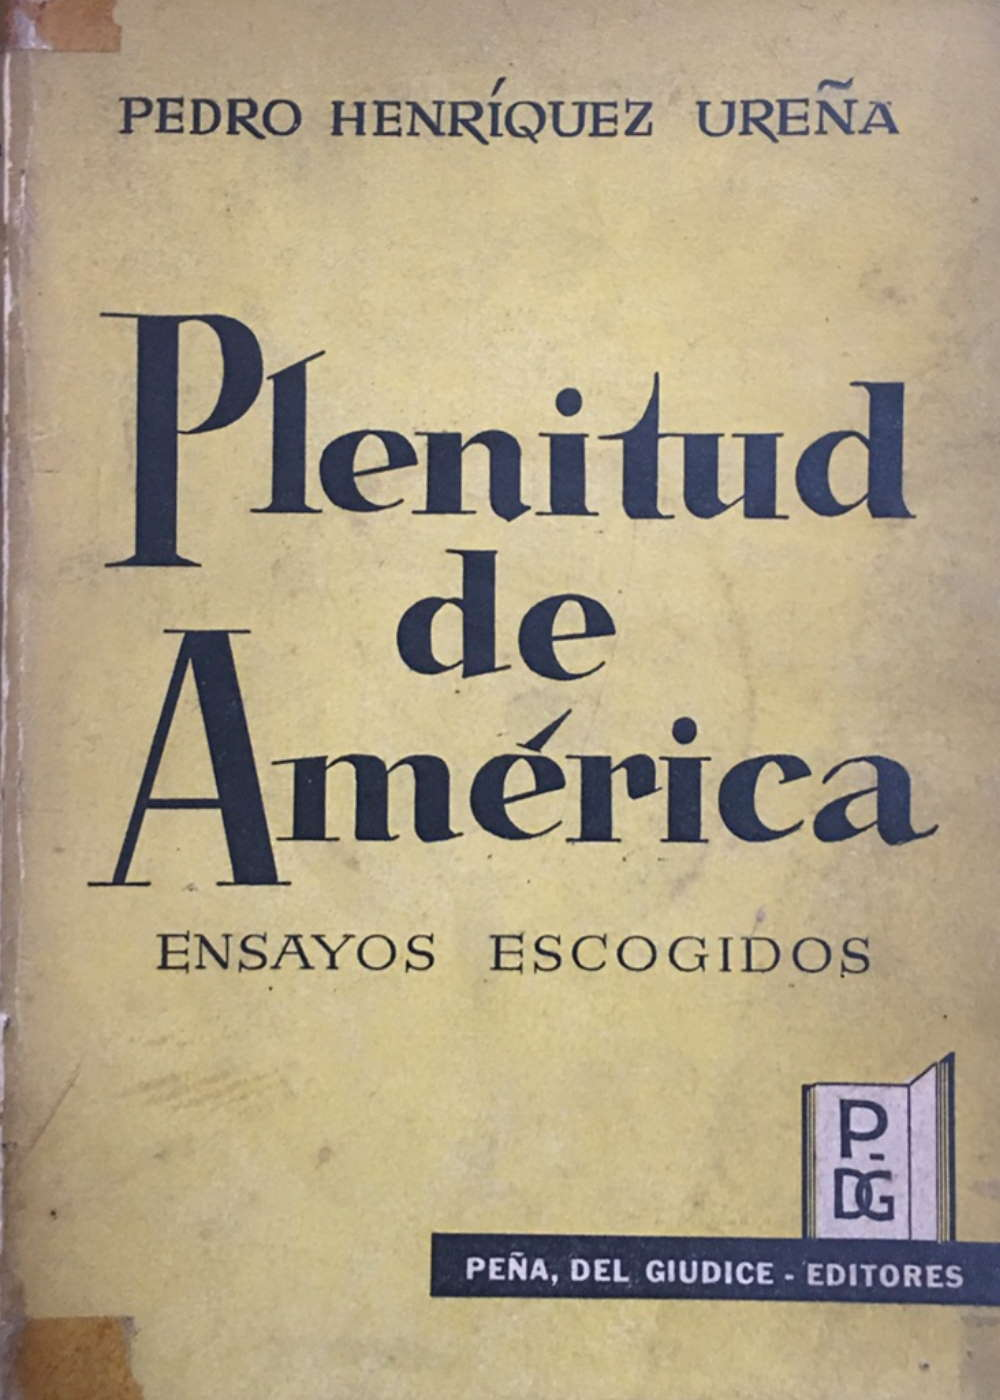 Plenitud de América